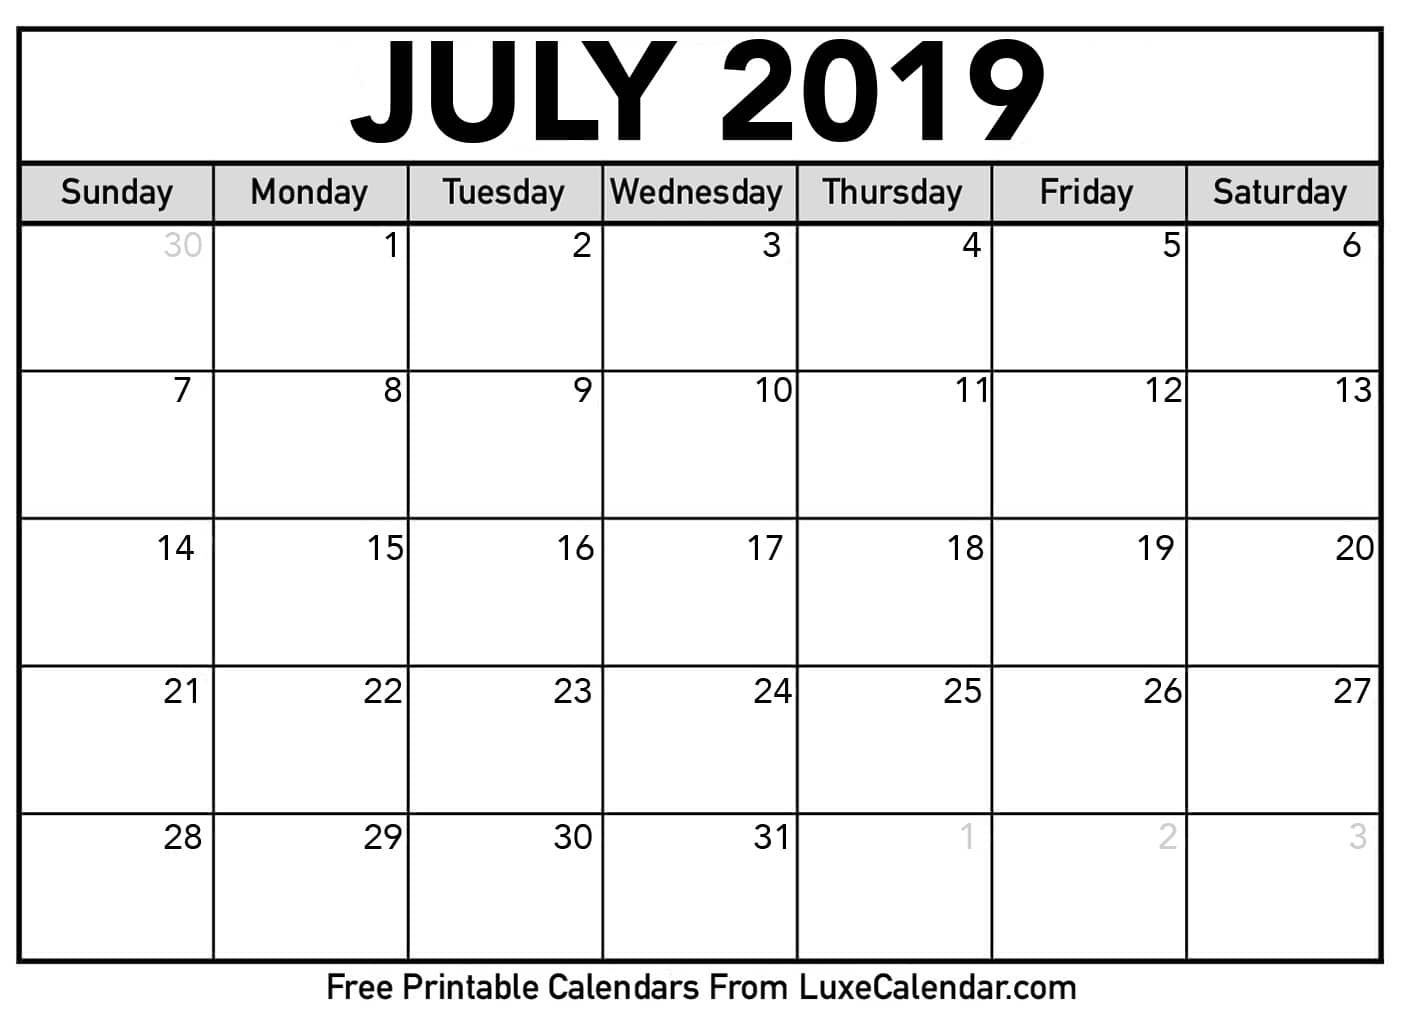 July 2019 Printable Calendars Luxe Calendar Get Check